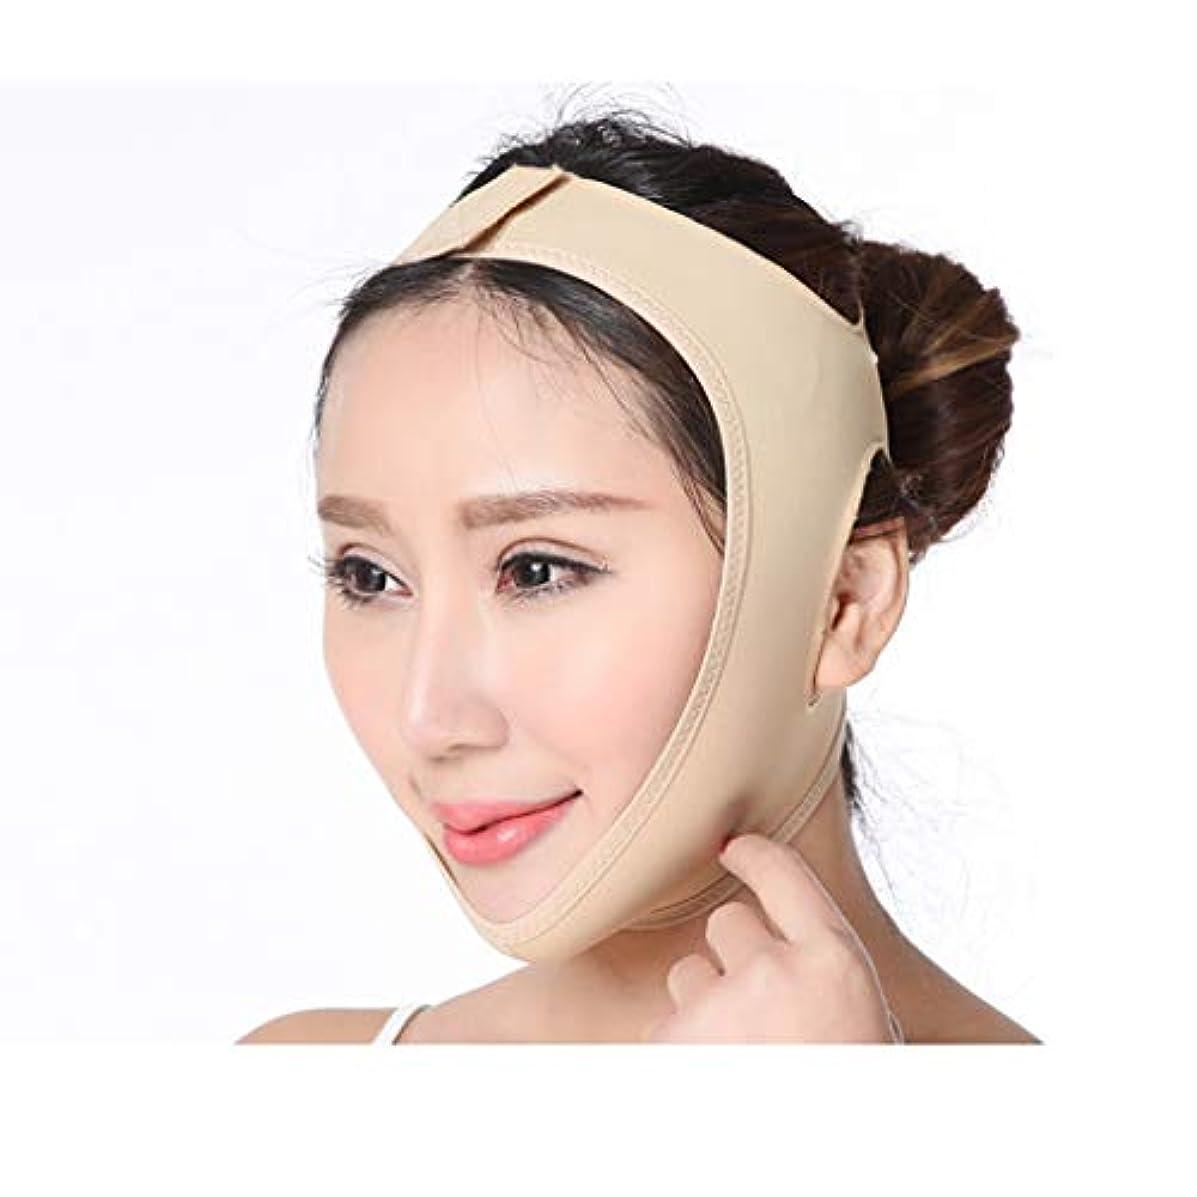 計算するショッピングセンター逃す顔リフティング包帯 V 顔楽器顔マスク顔リフティング引き締め